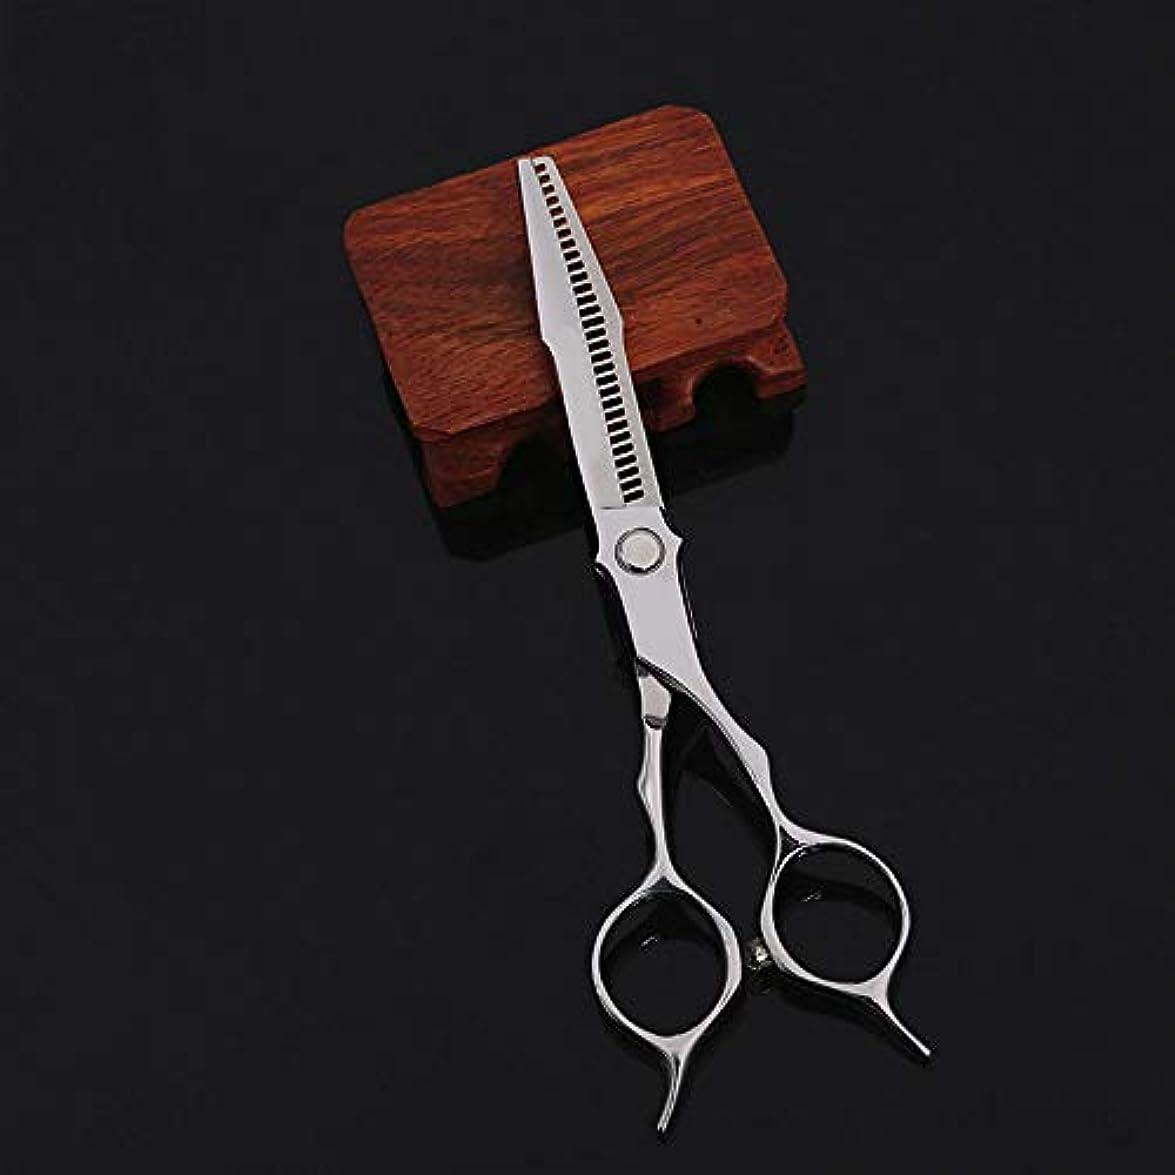 バースト金曜日傾いたWASAIO 美容専門の理髪はさみヘアカットのはさみステンレス理容設定間伐テクスチャーサロンでもシザー6インチ (色 : Silver)